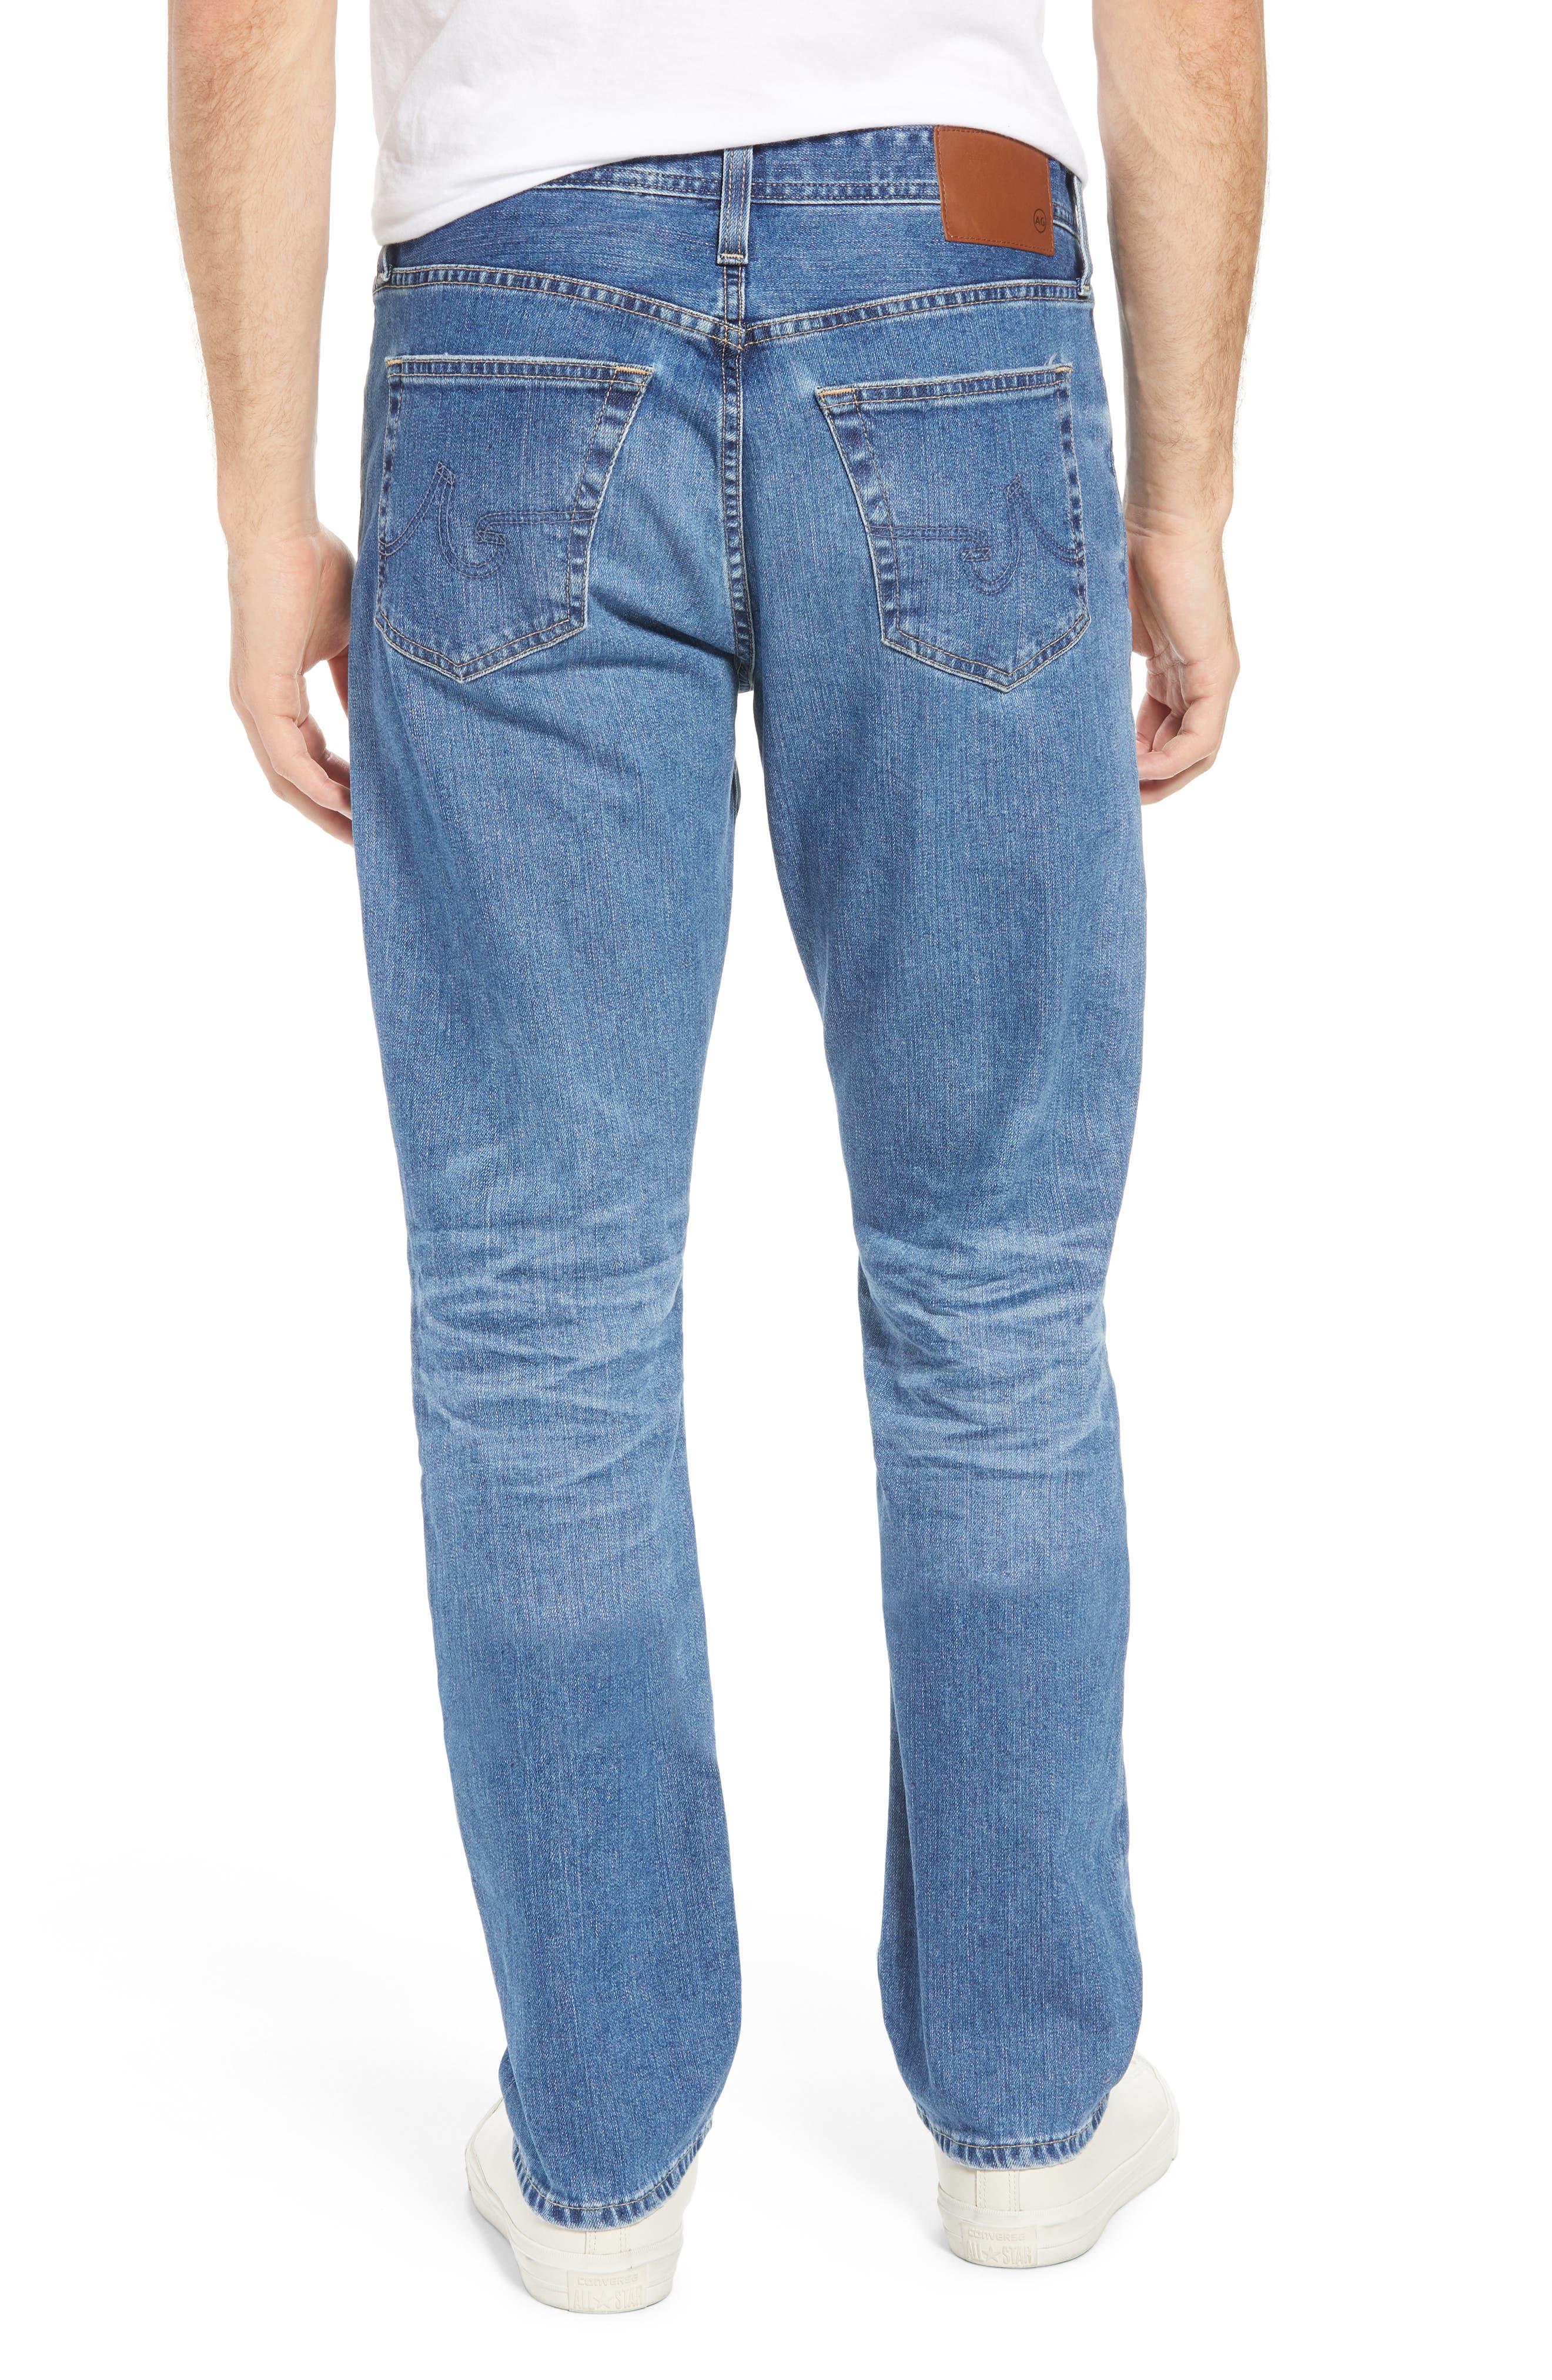 Everett Slim Straight Leg Jeans,                             Alternate thumbnail 2, color,                             15 Years Open Road